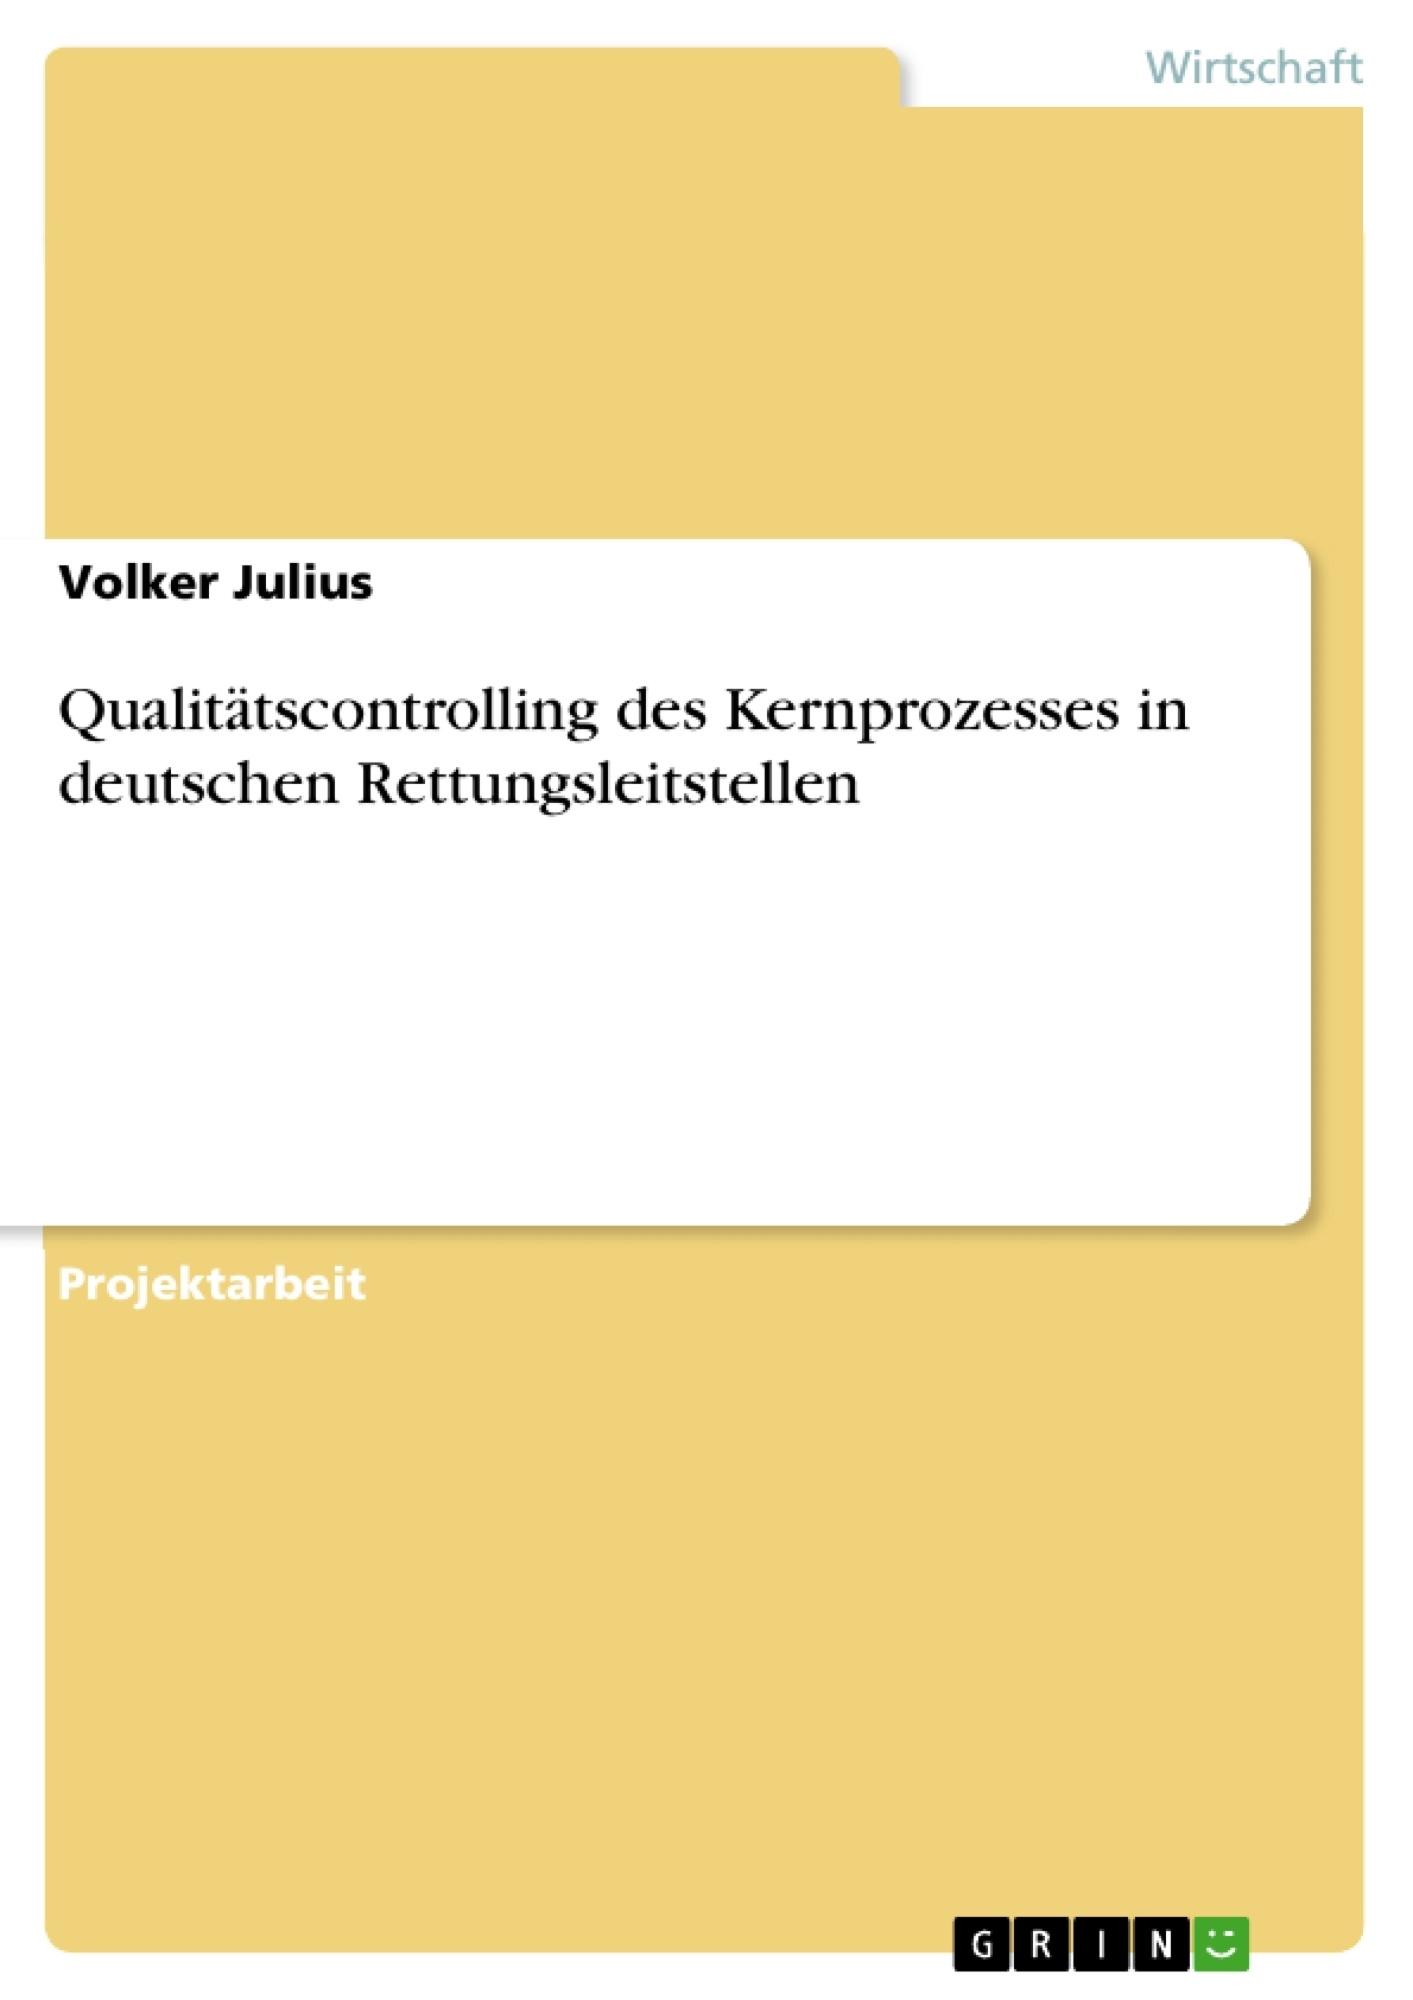 Titel: Qualitätscontrolling des Kernprozesses in deutschen Rettungsleitstellen